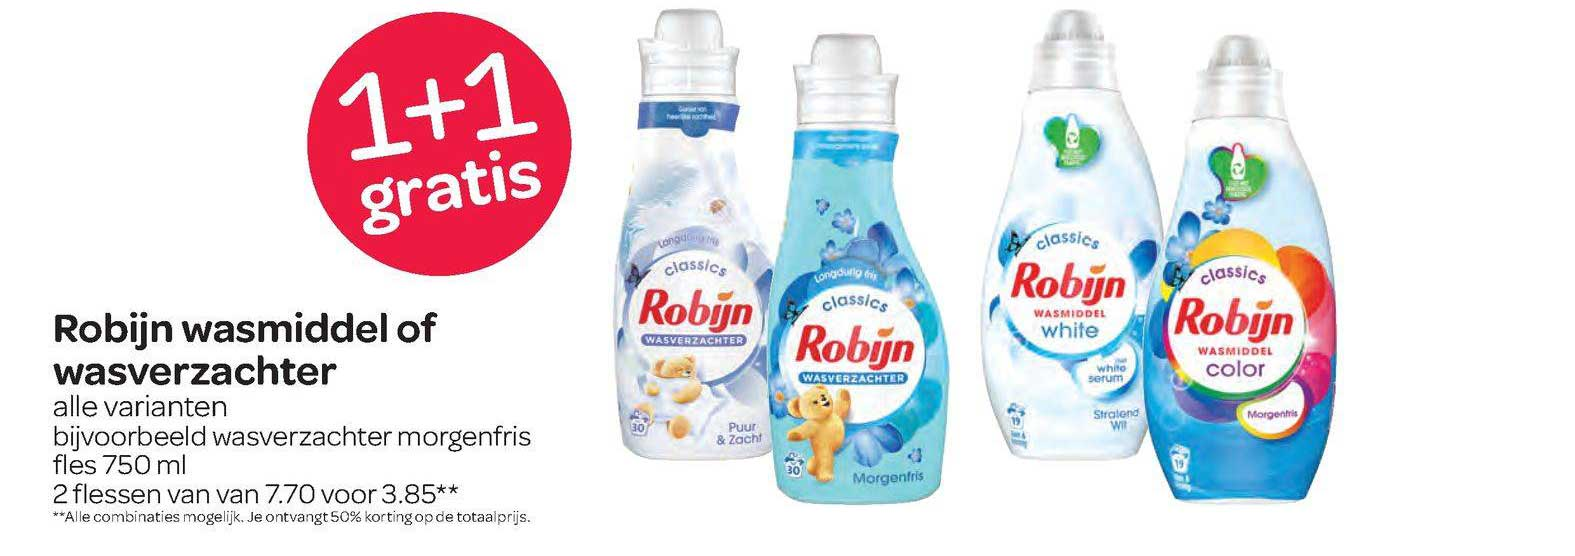 Spar Robijn Wasmiddel Of Wasverzachter 1+1 Gratis